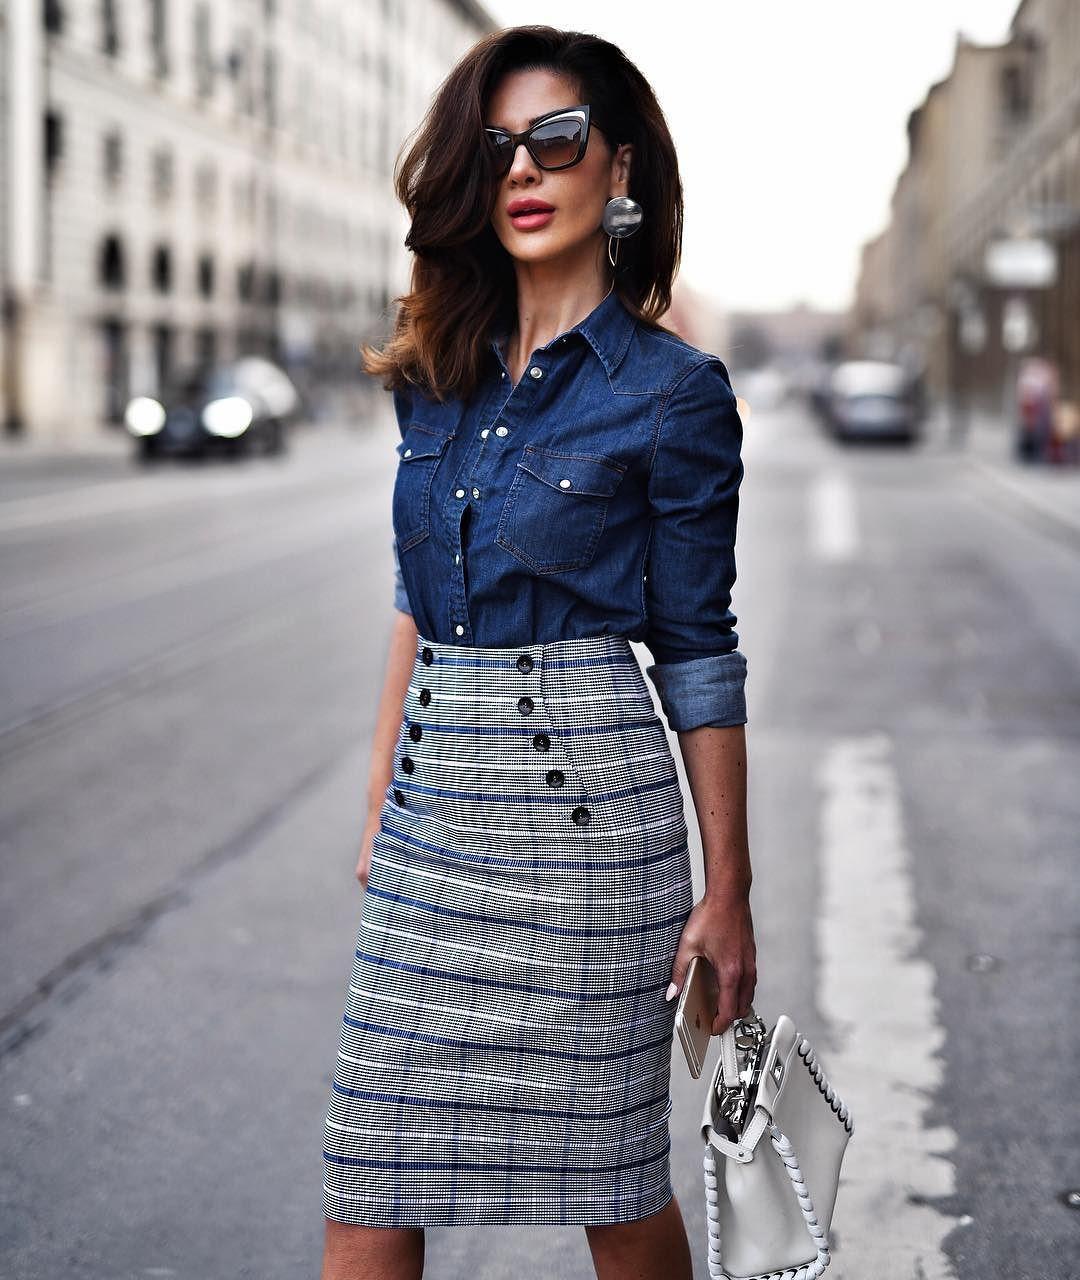 Повседневно-деловой стиль 2019: секреты удачного гардероба бизнес- casual